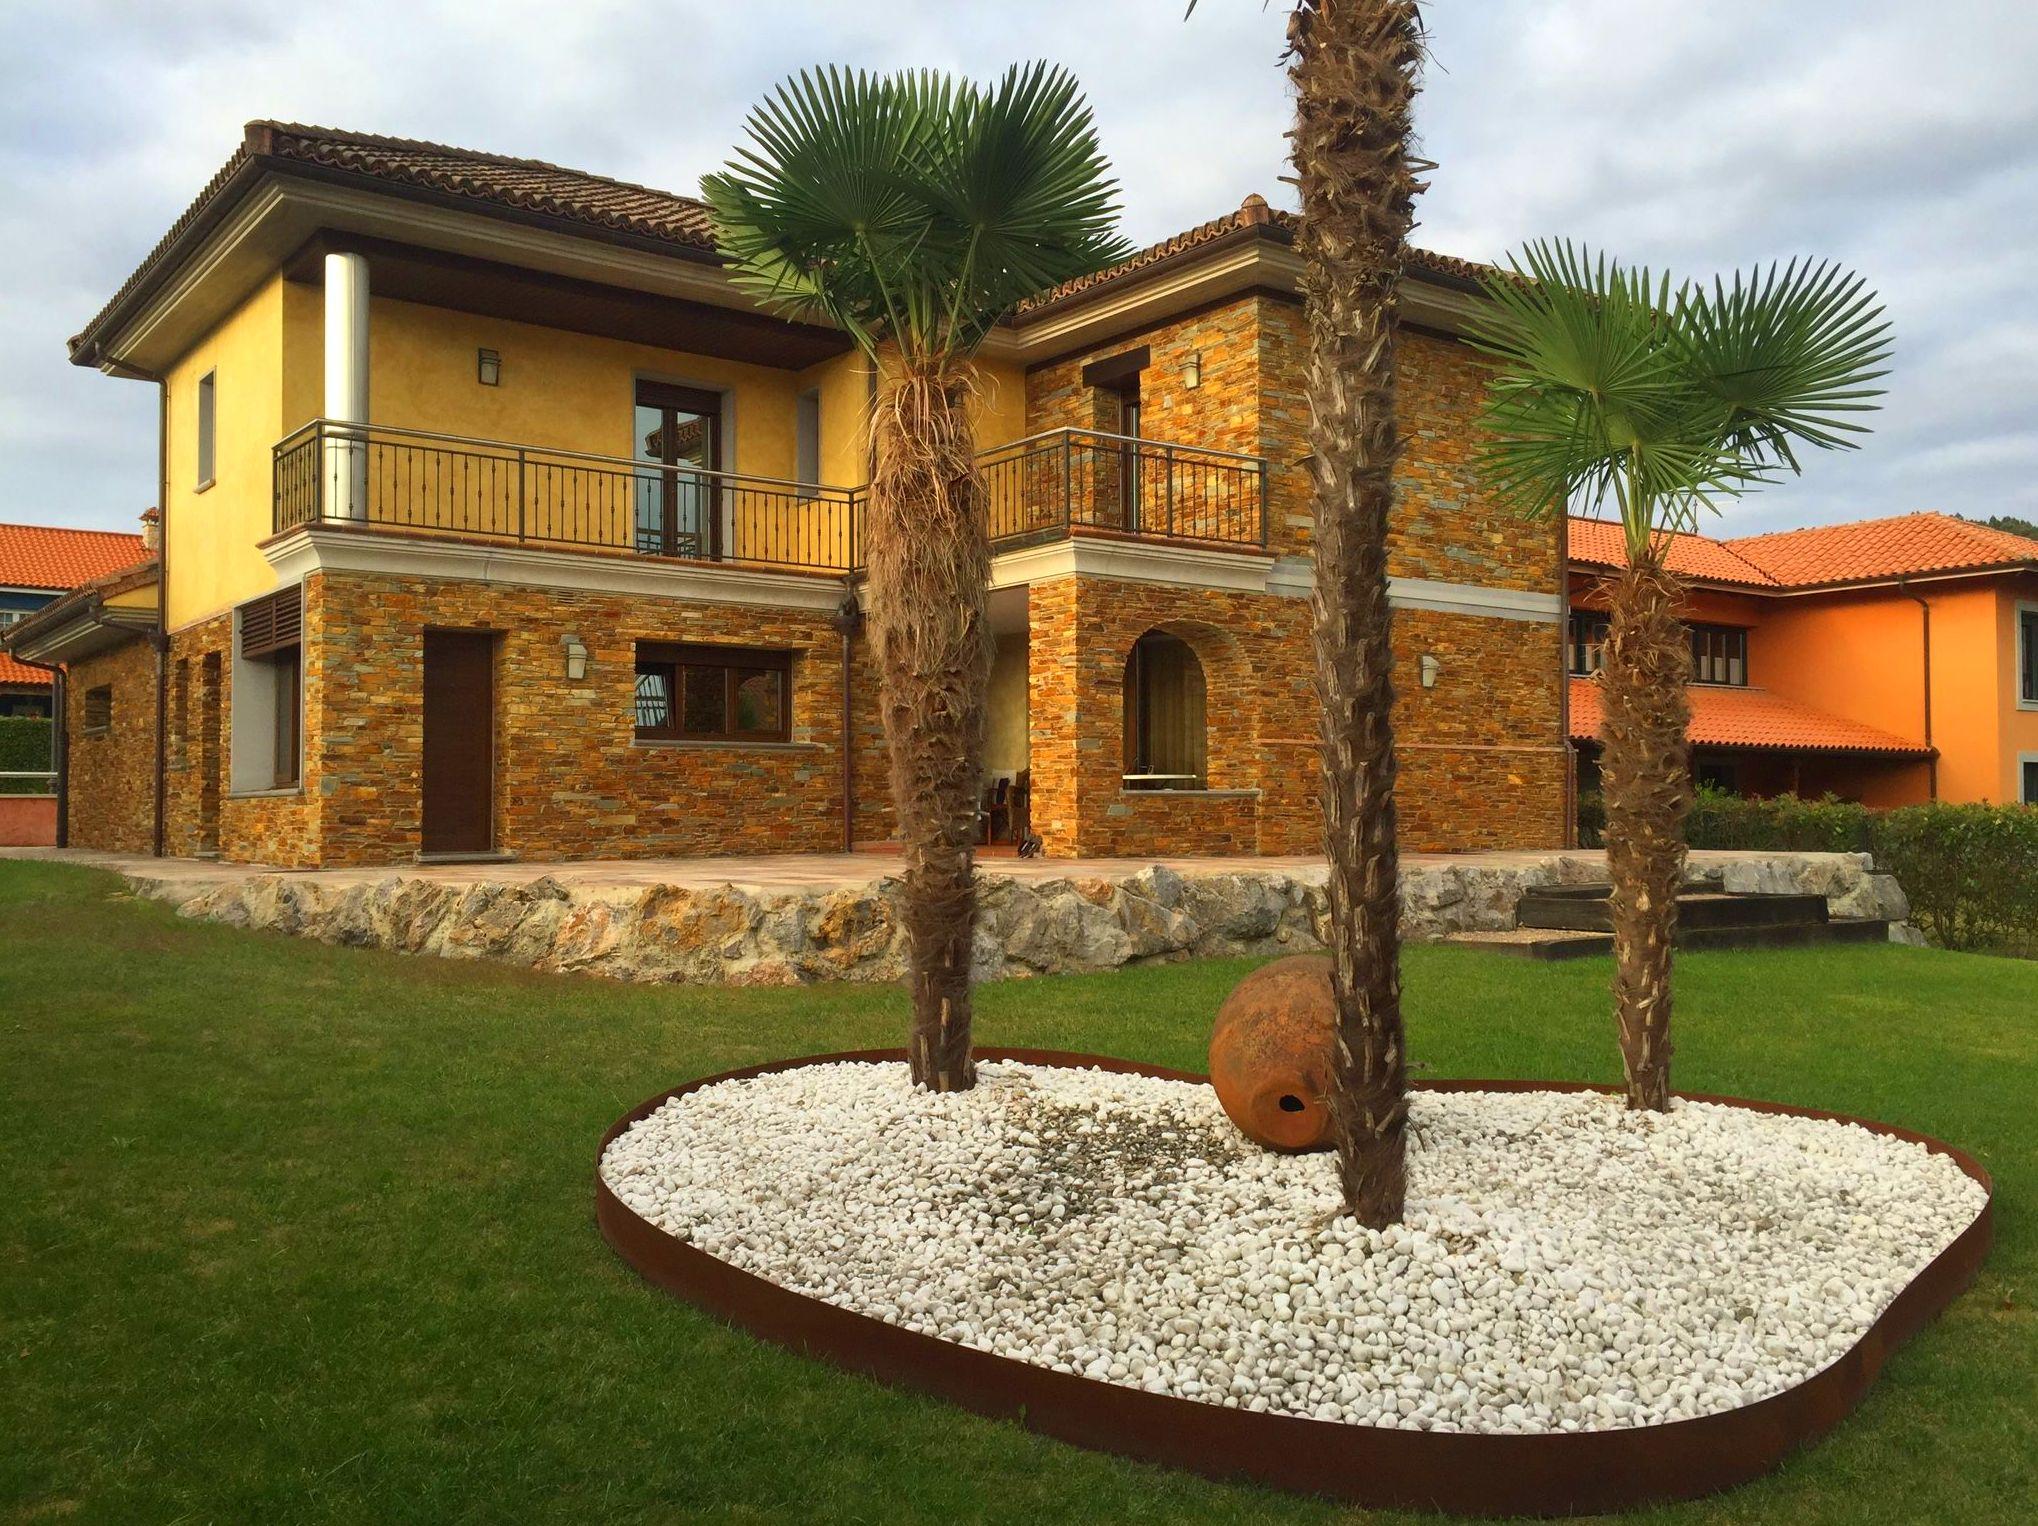 Foto 50 de Fachadas en Colunga | Construcciones Espiniella